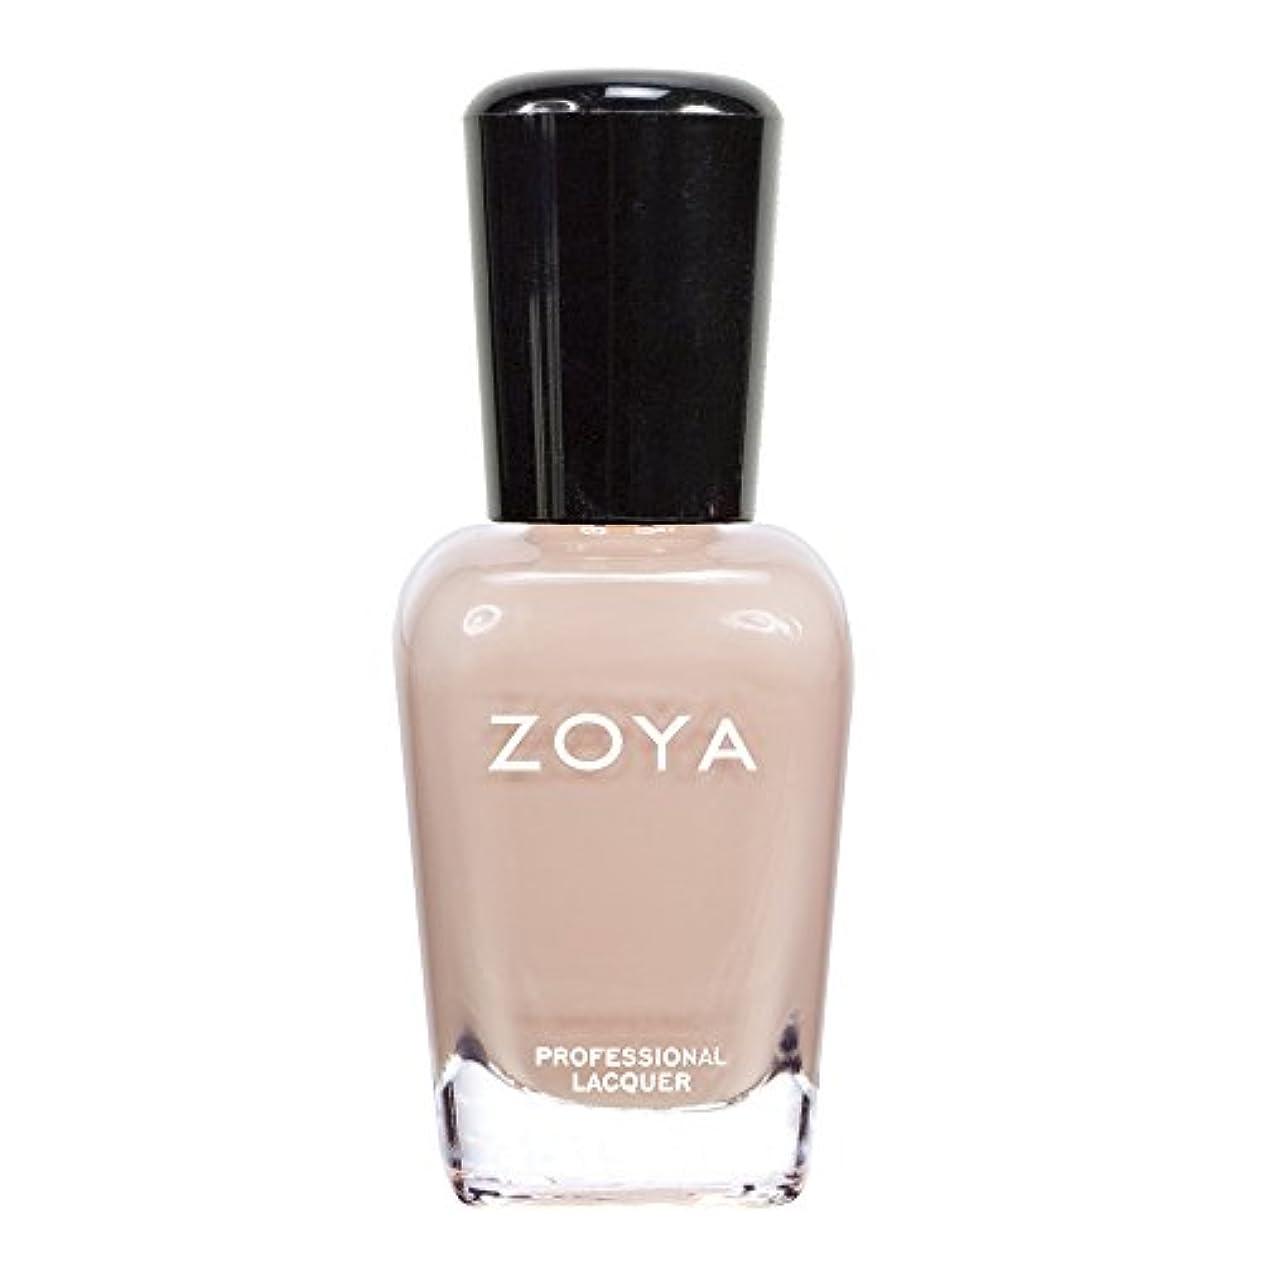 クモ十億満員ZOYA ゾーヤ ネイルカラーZP596 AVERY エイブリィ 15ml 優しく色づくブロンドベージュ マット/クリーム 爪にやさしいネイルラッカーマニキュア